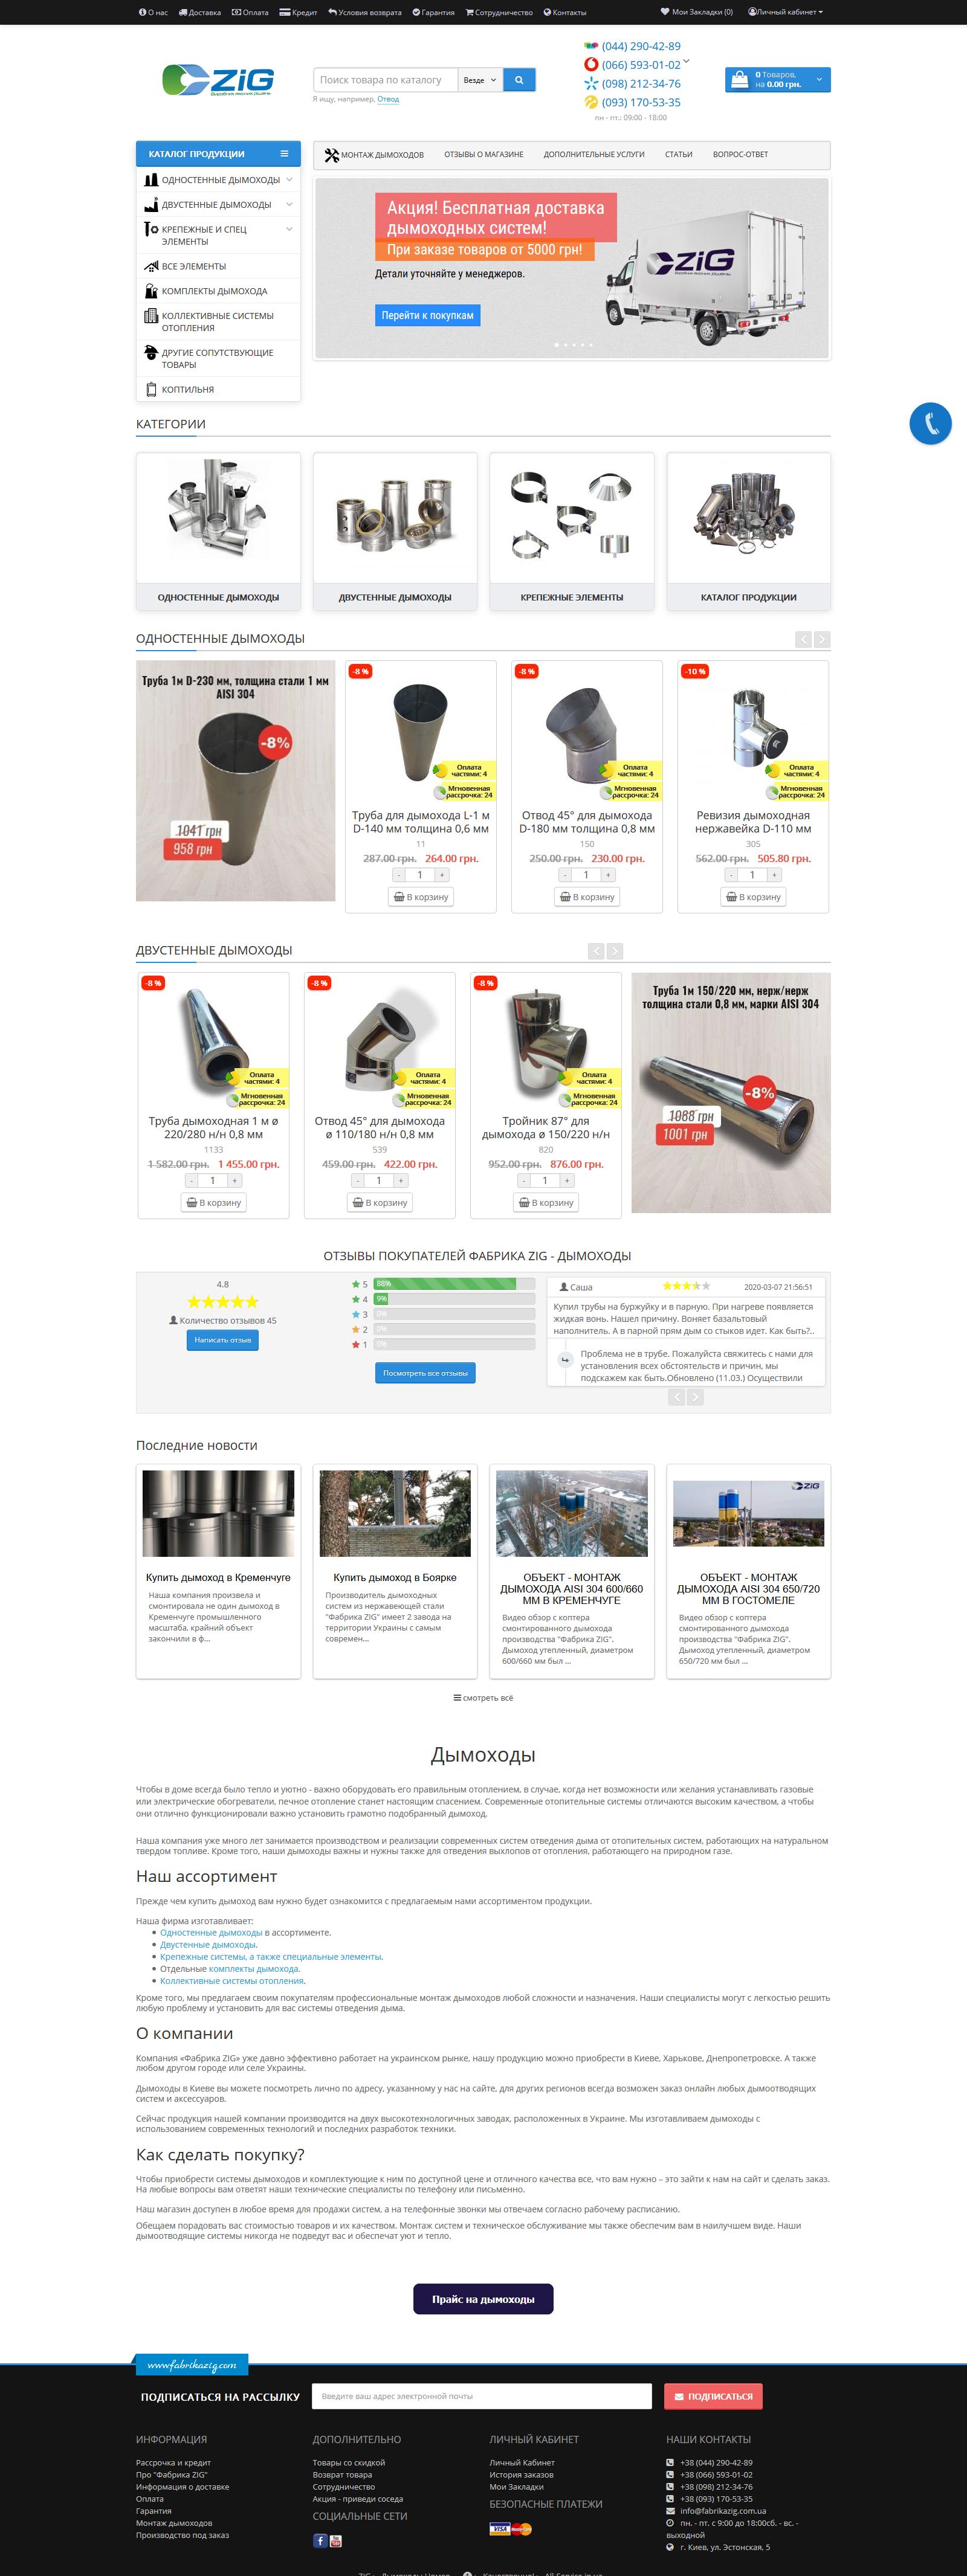 Фото Разработка сайта, наполнение, интеграция с CRM системой, настройка рекламы, СЕО продвижение и сопровождение сайта.